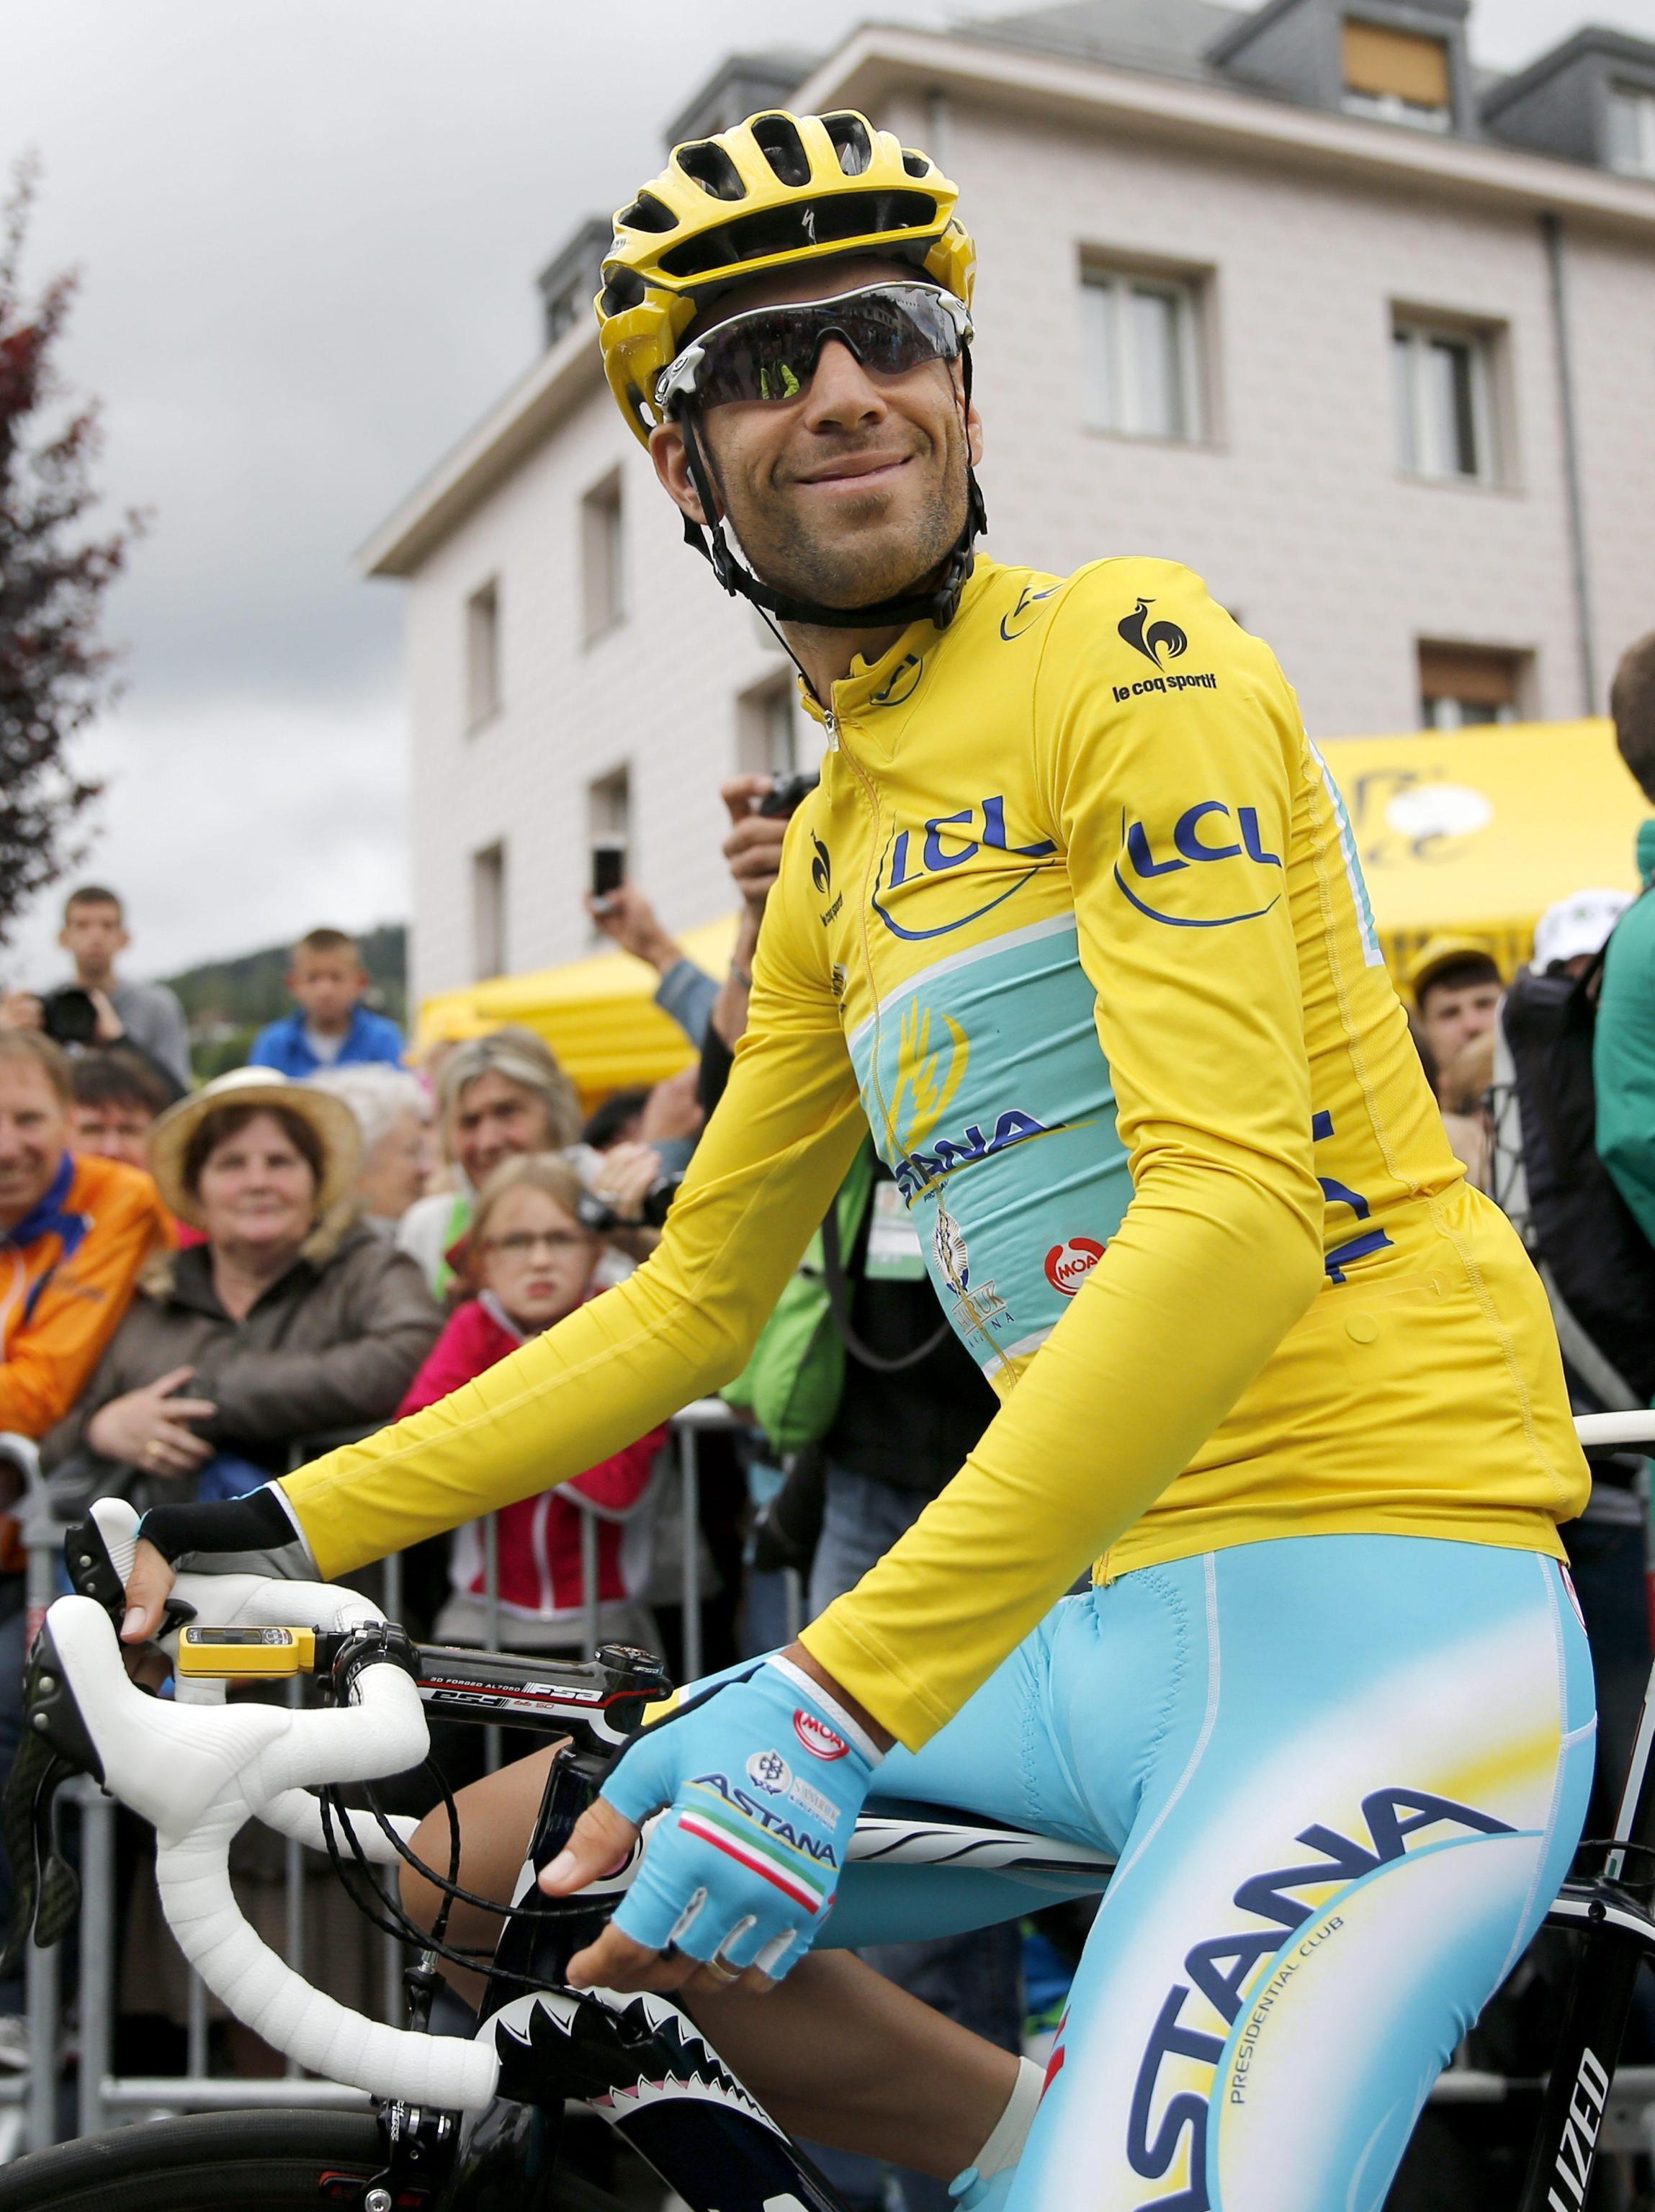 Vincenzo Nibali 23